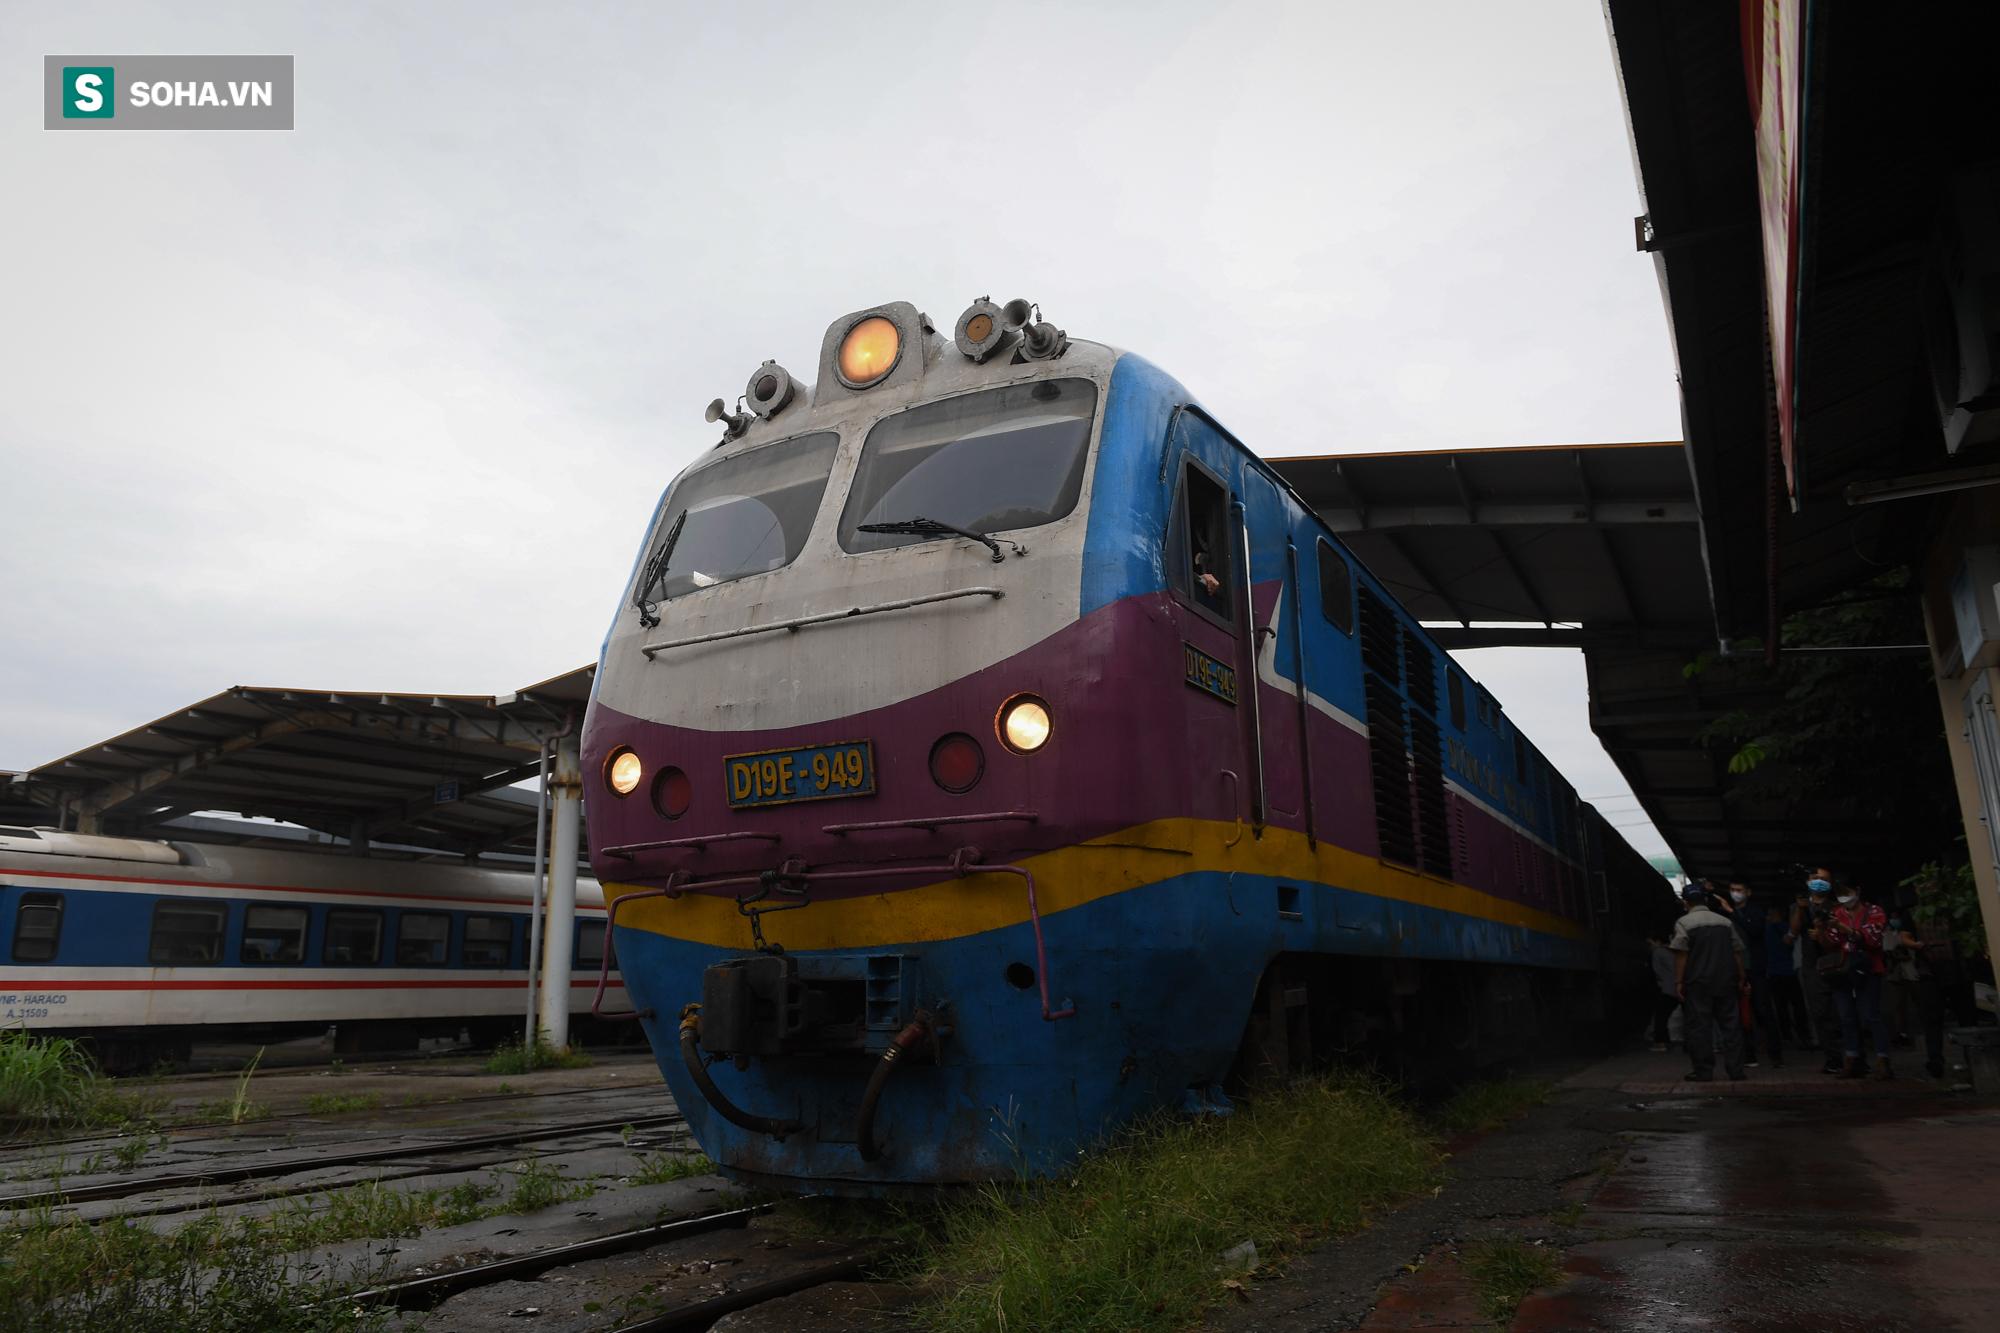 Người dân mừng rỡ khi đường sắt hoạt động trở lại: Mẹ ốm, con đẻ cả tháng mới được về thăm - Ảnh 11.